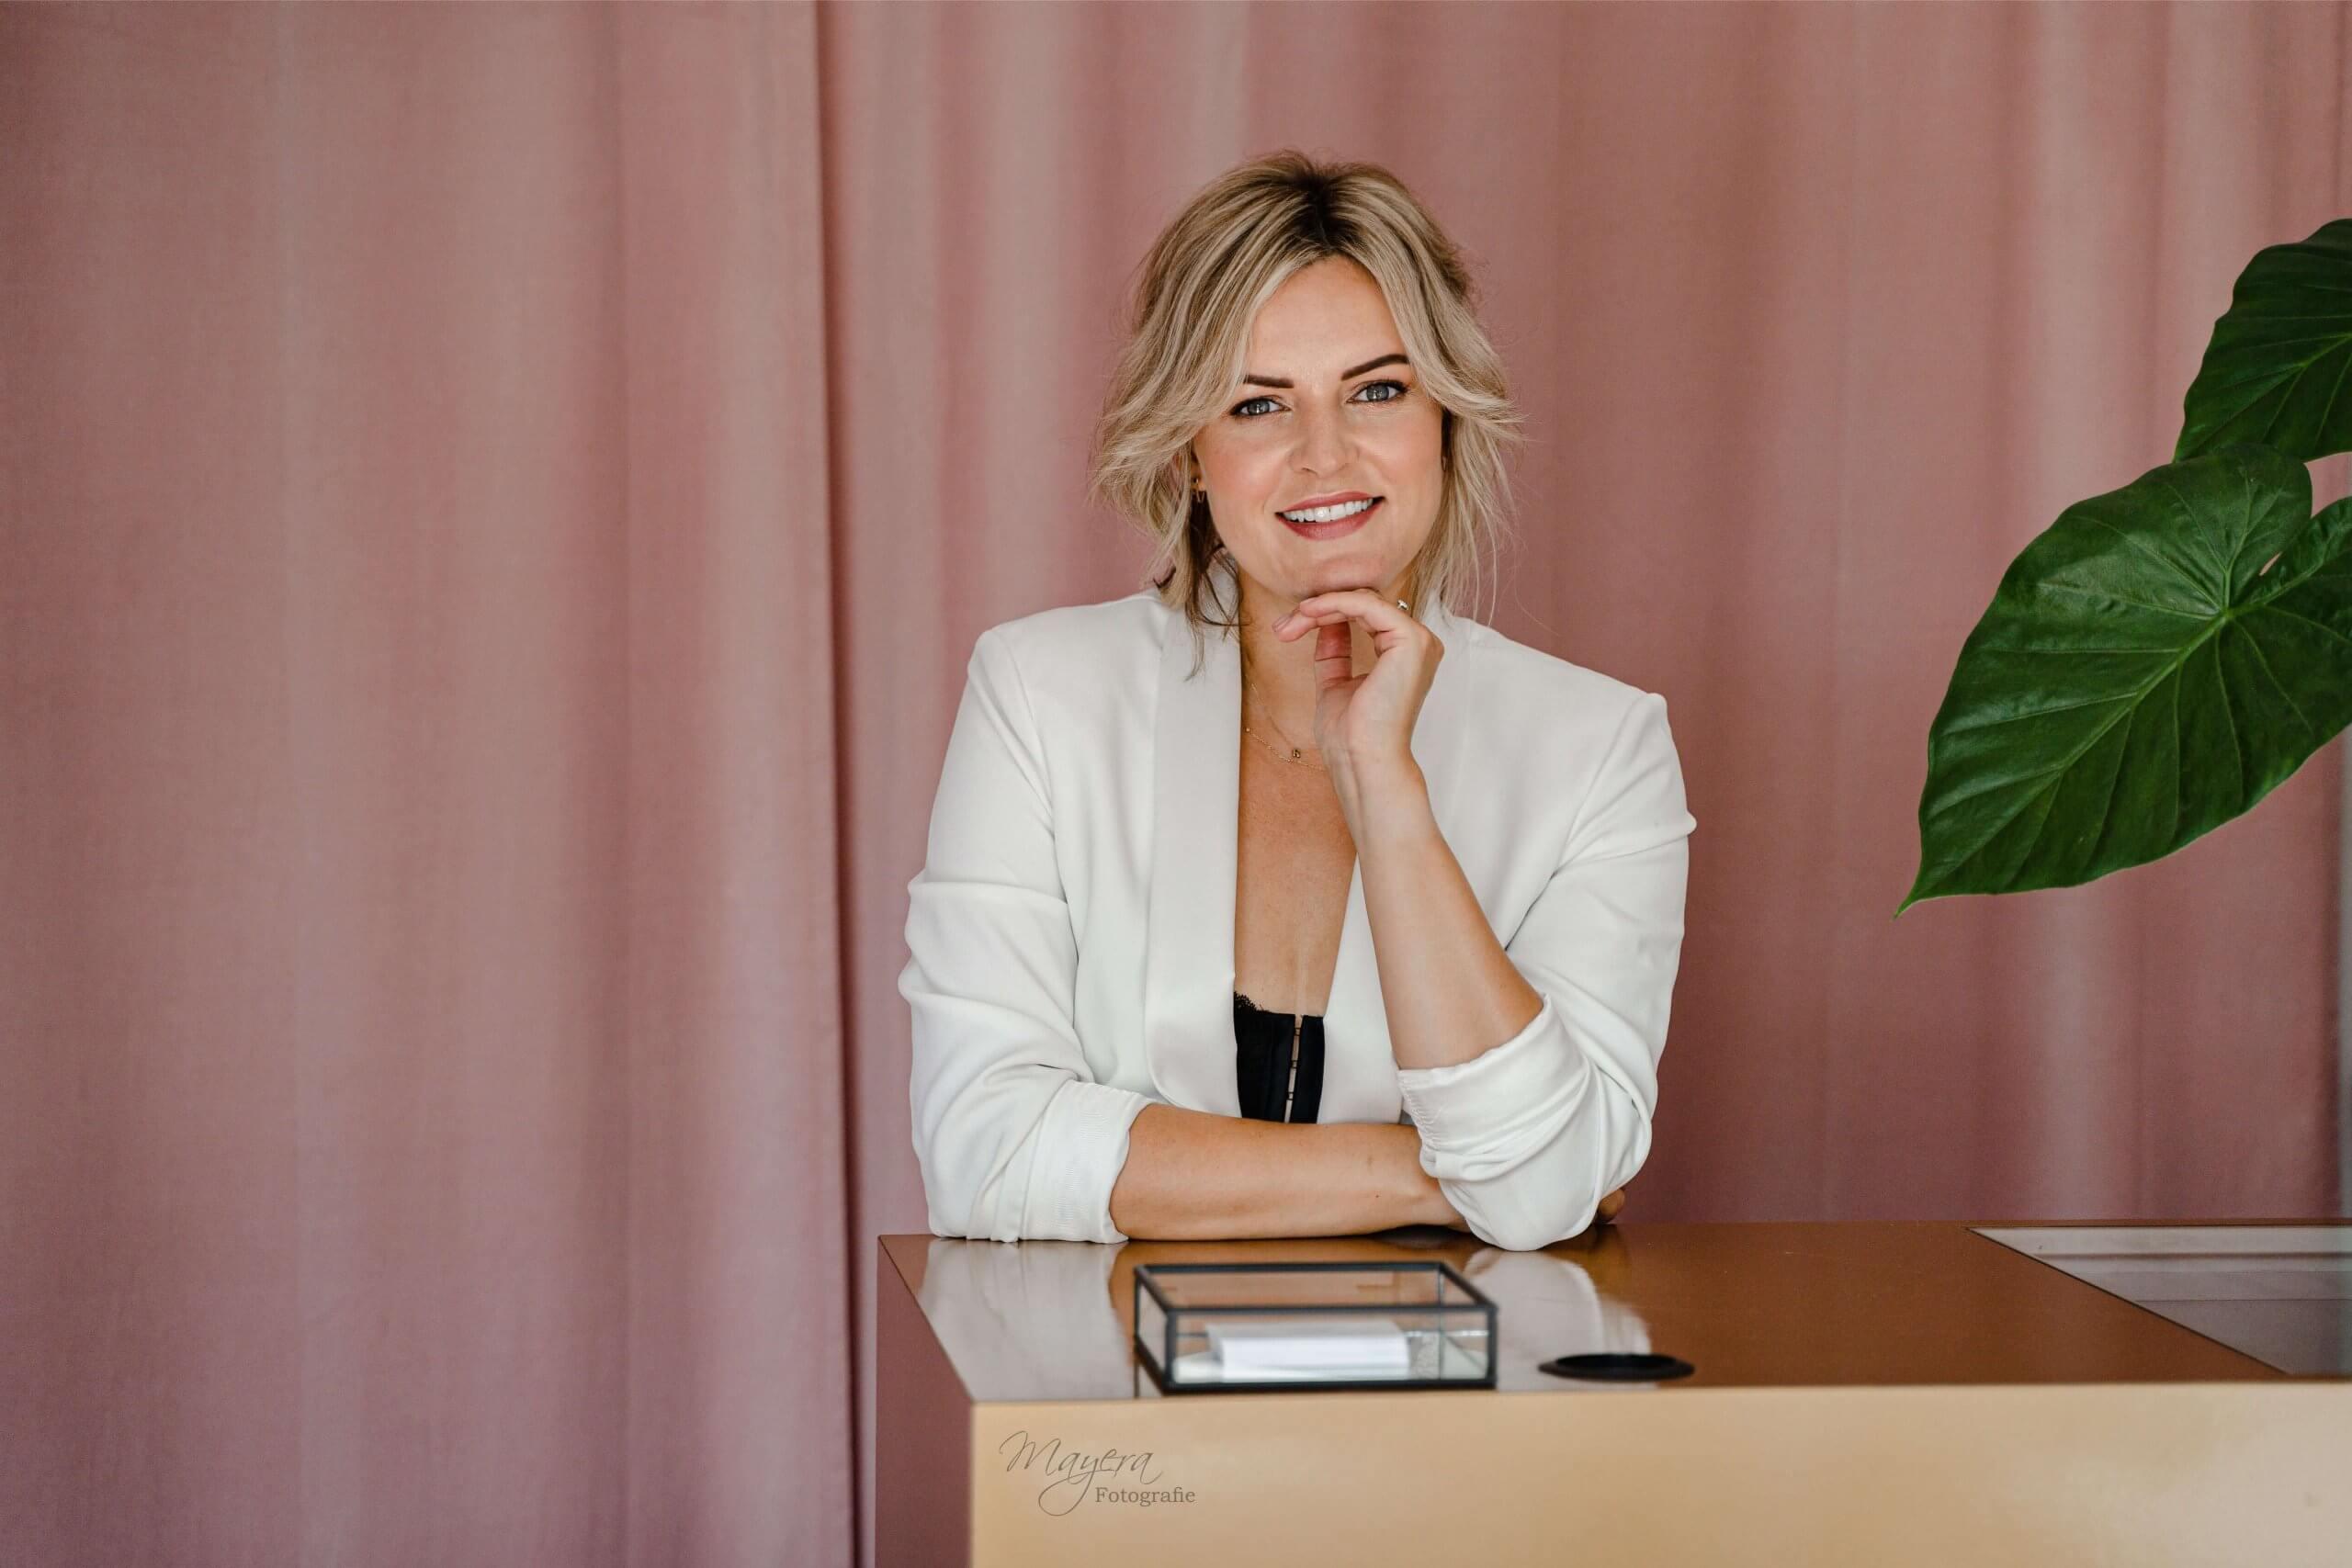 Bedrijfs fotoBranding feed bedrijfsreportage vrouwelijke ondernemer instagram mua make up nieuwegein ijsselstein